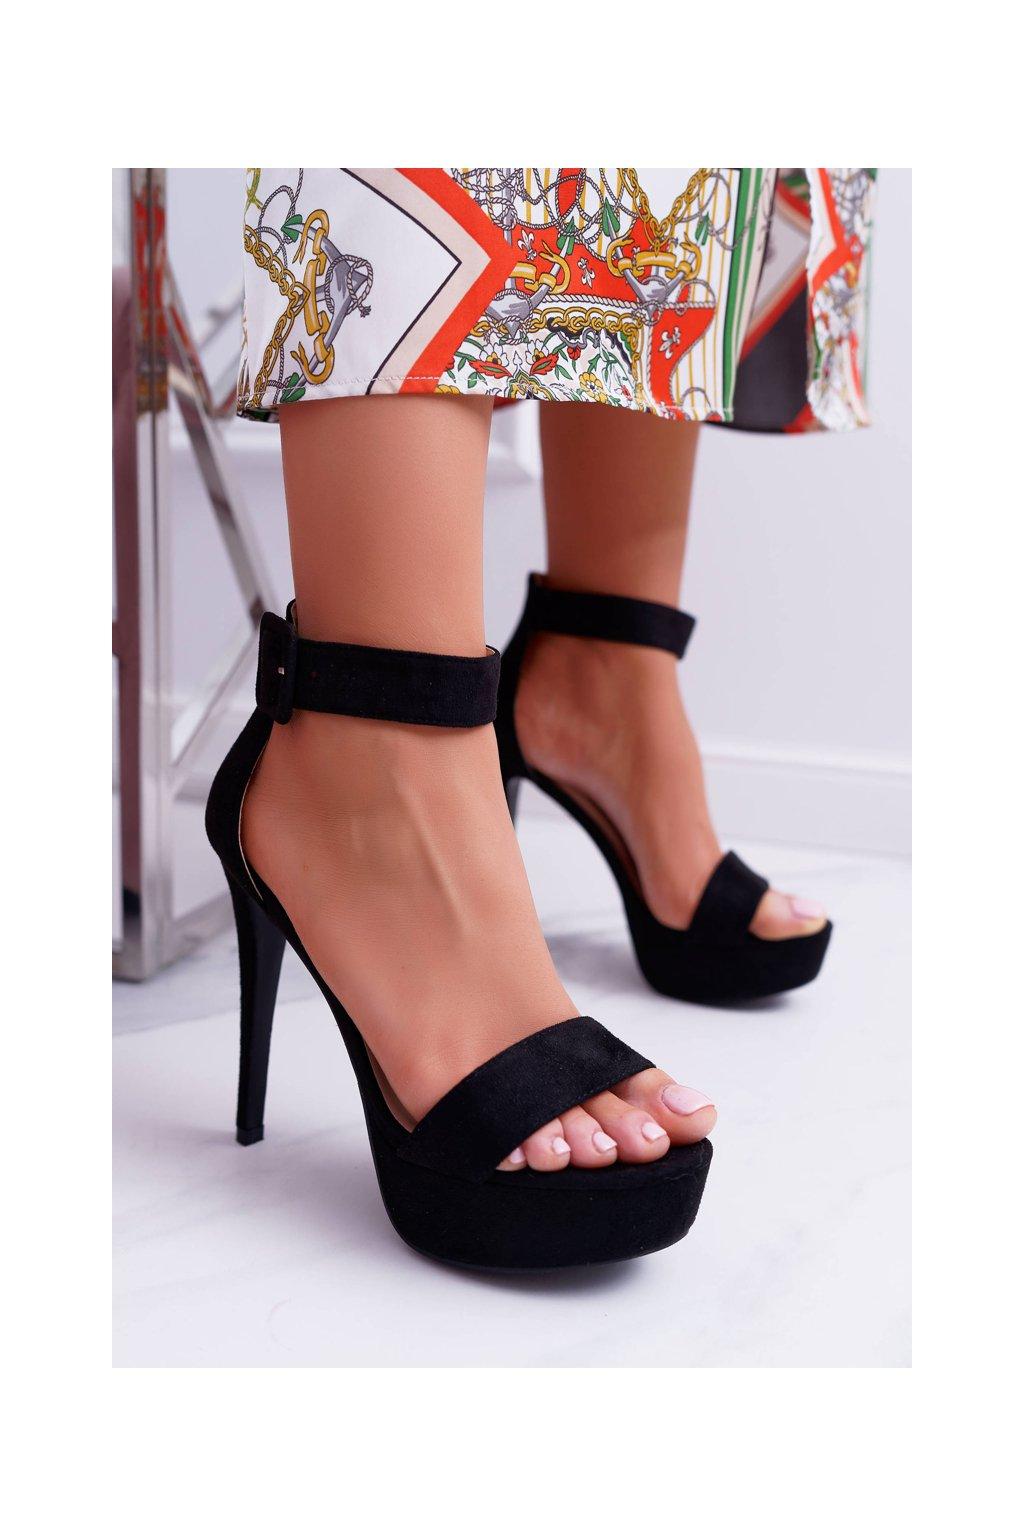 Dámske Sandále na ihlovom podpätku Plošina čierne Welbos